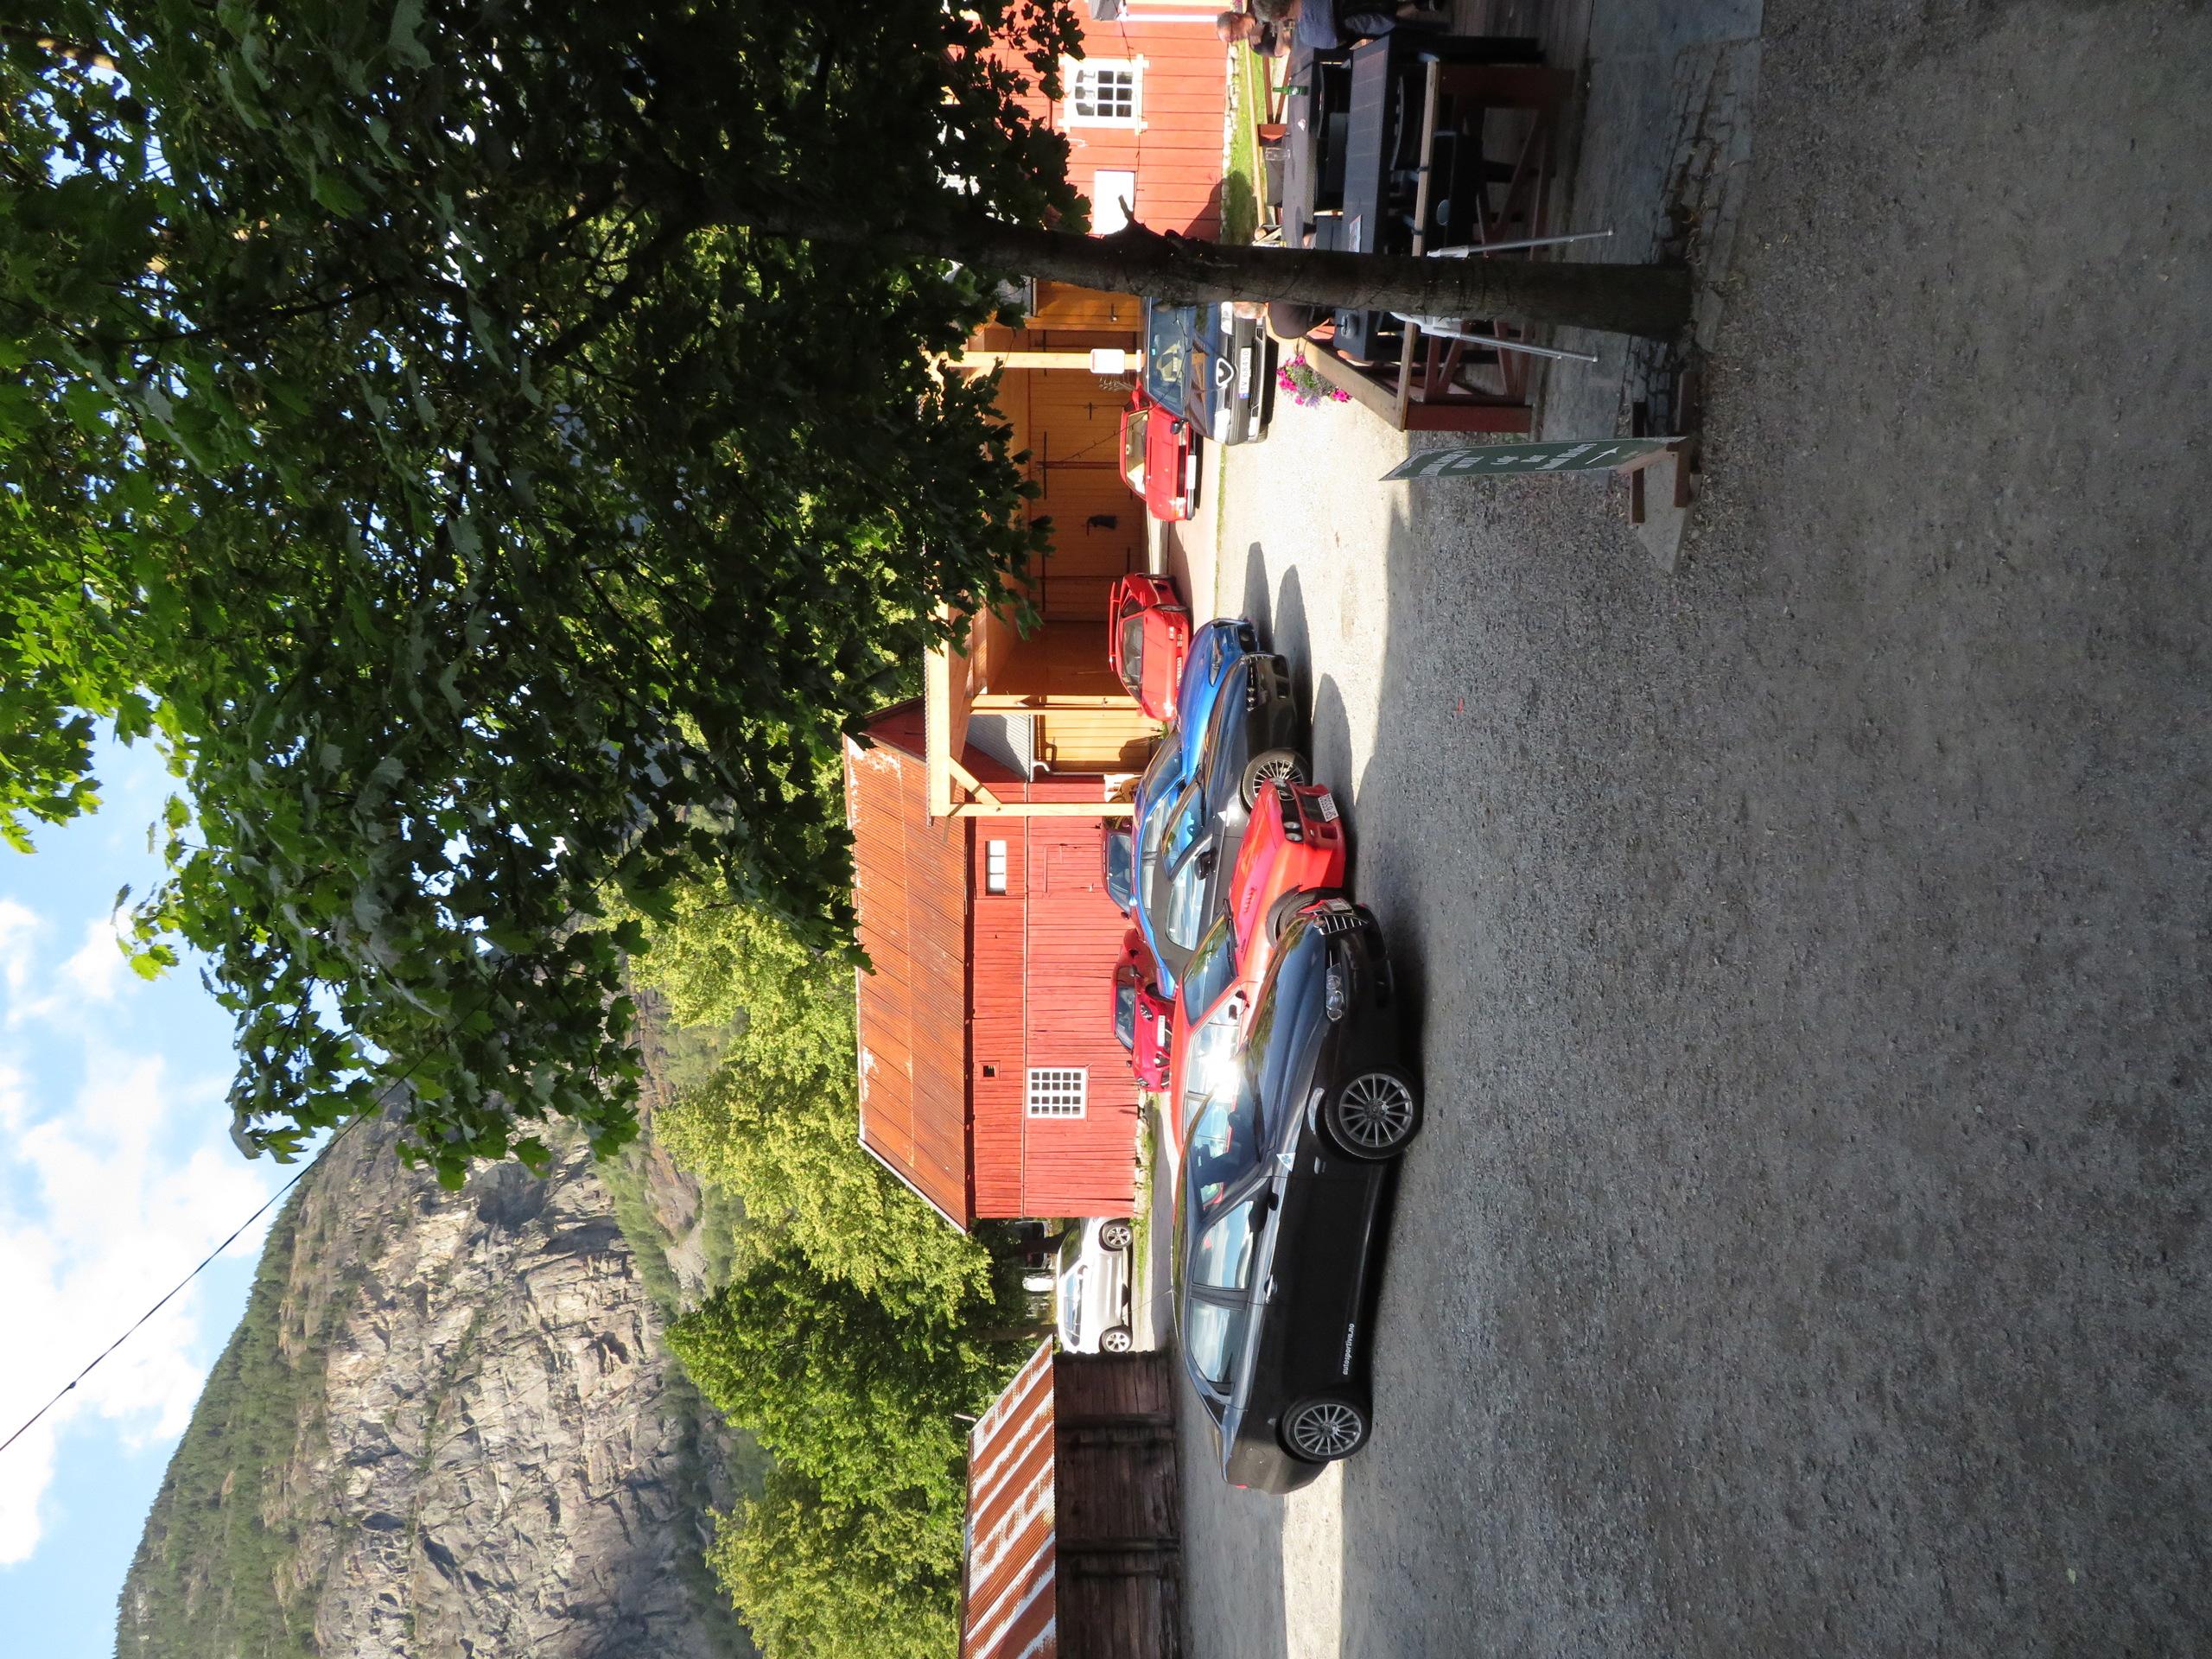 Biler i bakgården Lærdalsøren hotell (2).JPG